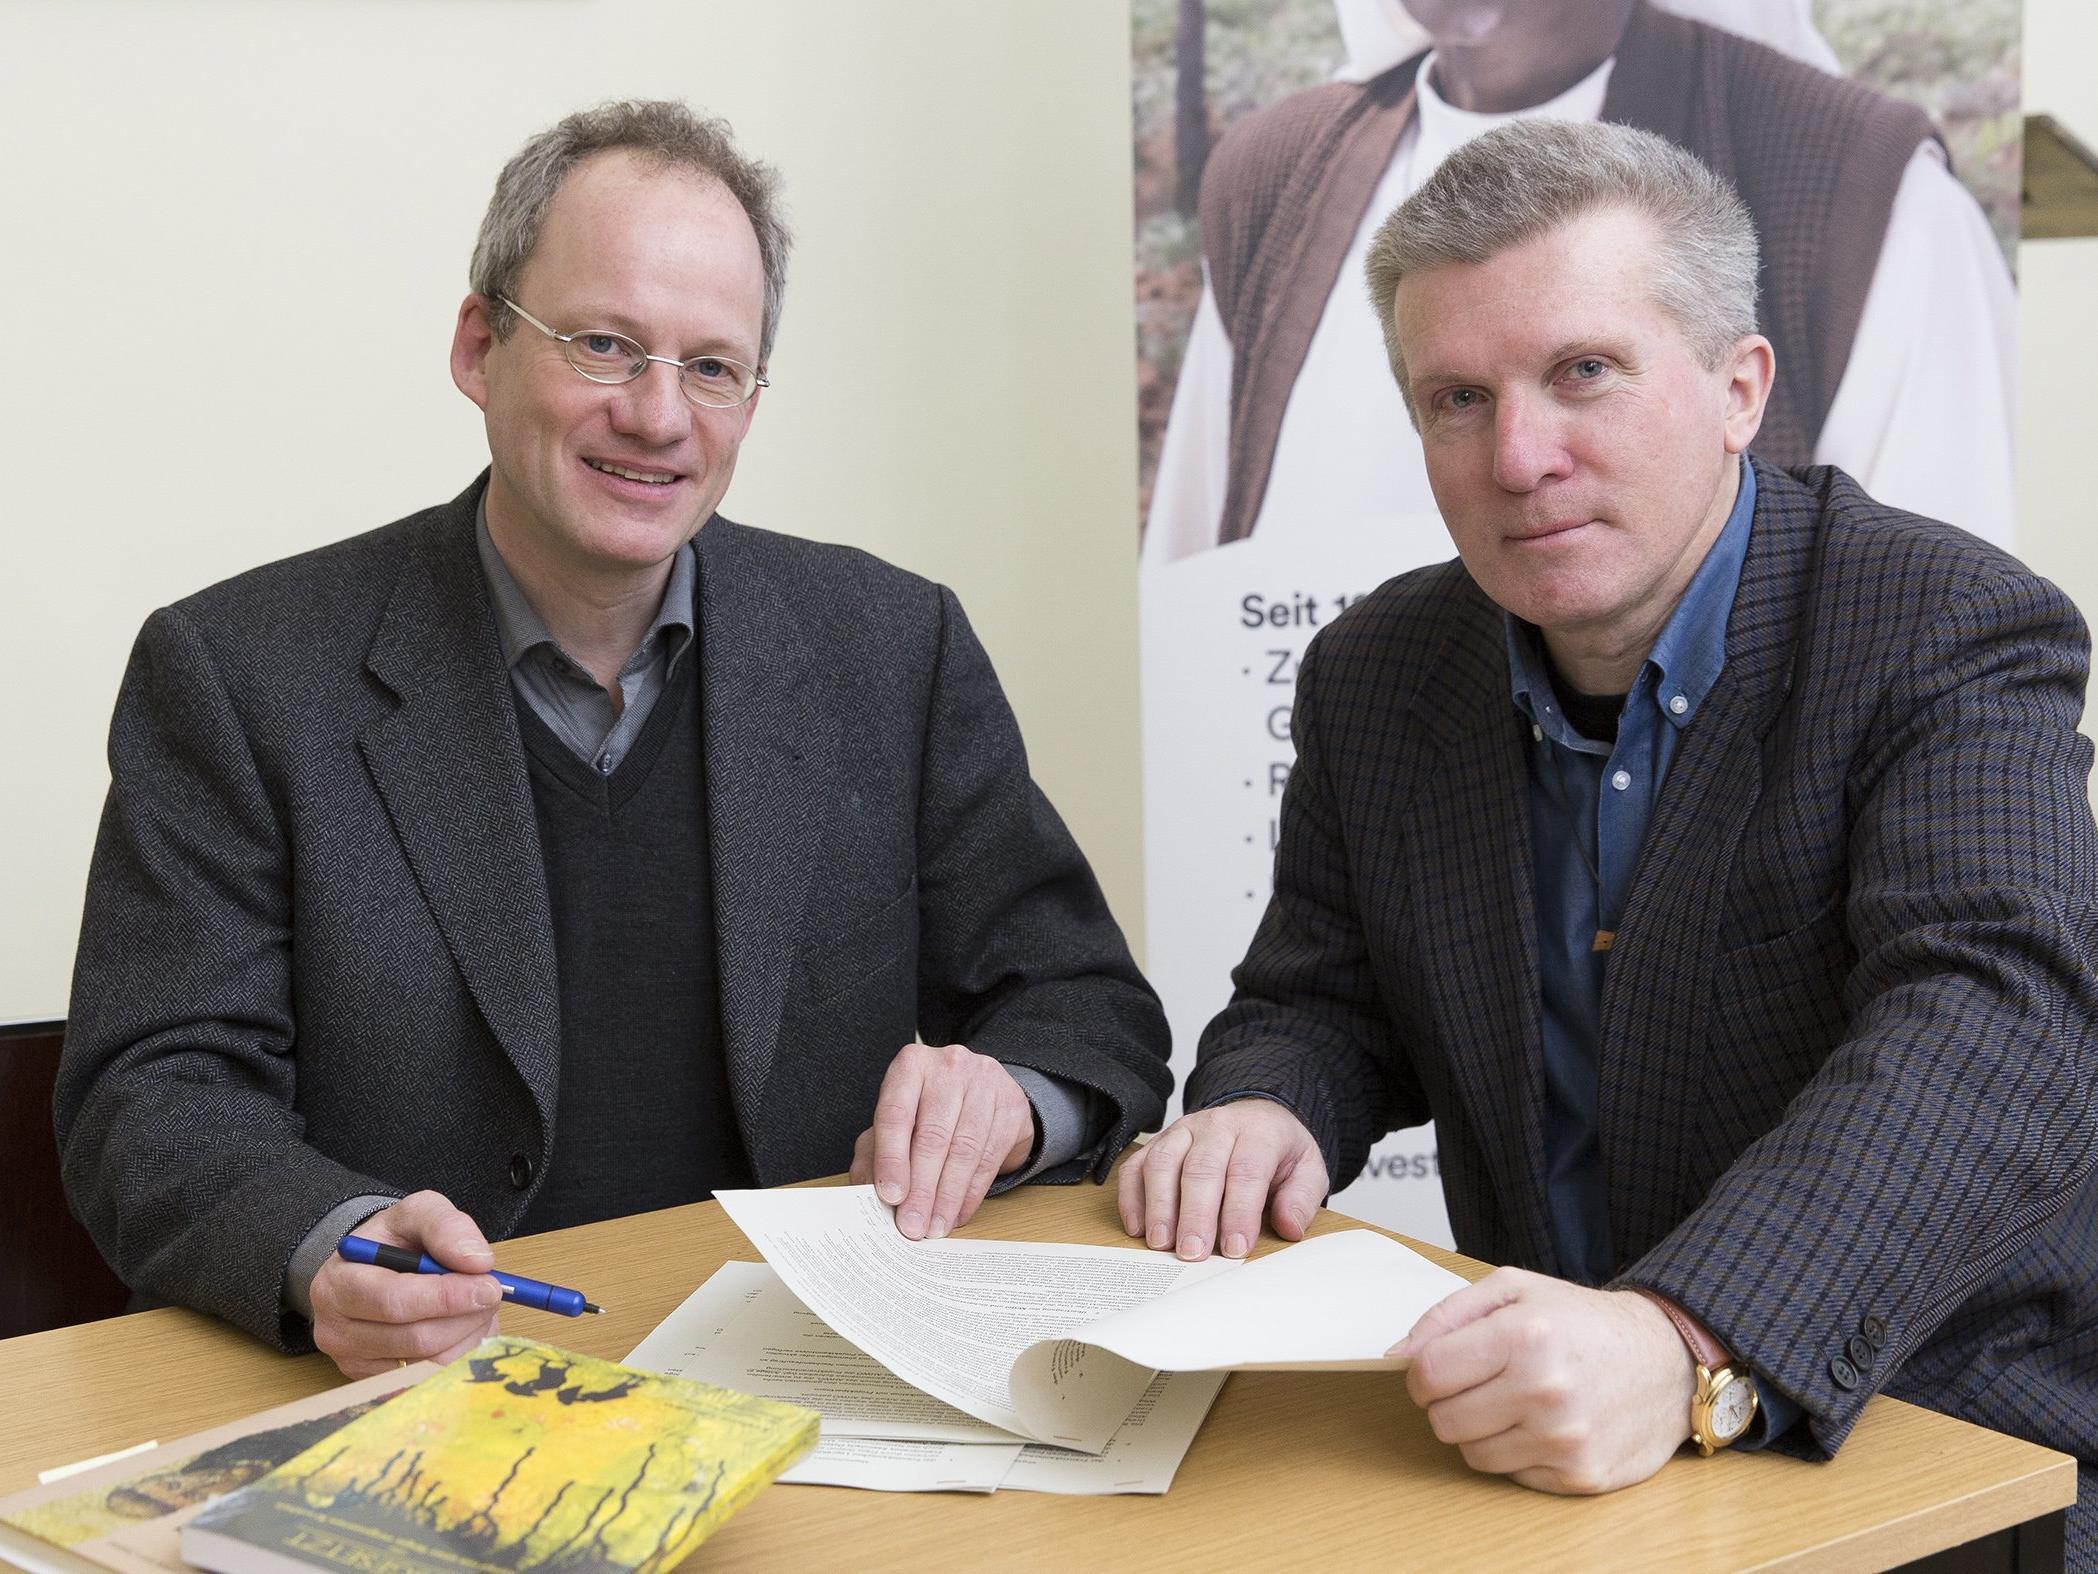 Matthias Wittrock, Geschäftsführer des Aussätzigen-Hilfswerk Österreich, und Mag. Dr. Alfred Obermair, Nationalvorsteher des Säkularordens der Franziskaner, blicken nach der Vertragsunterzeichnung zuversichtlich in die Zukunft.